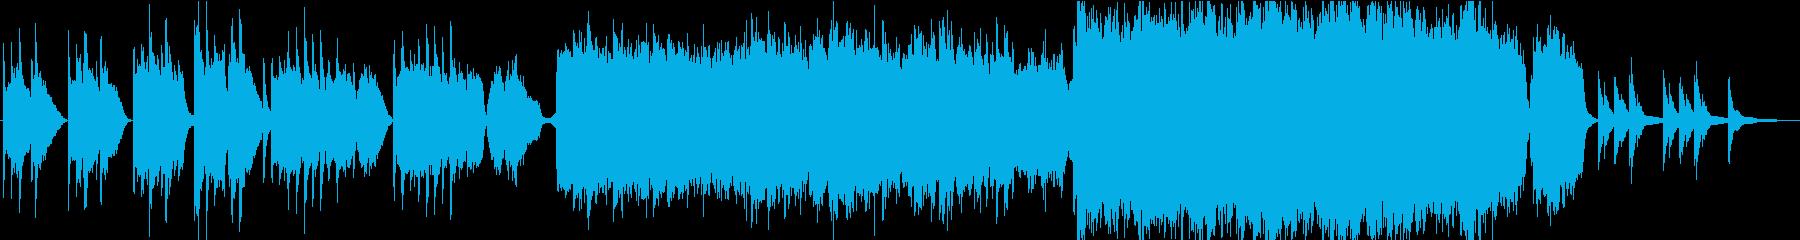 バイオリンの音色が切ないバラードの再生済みの波形